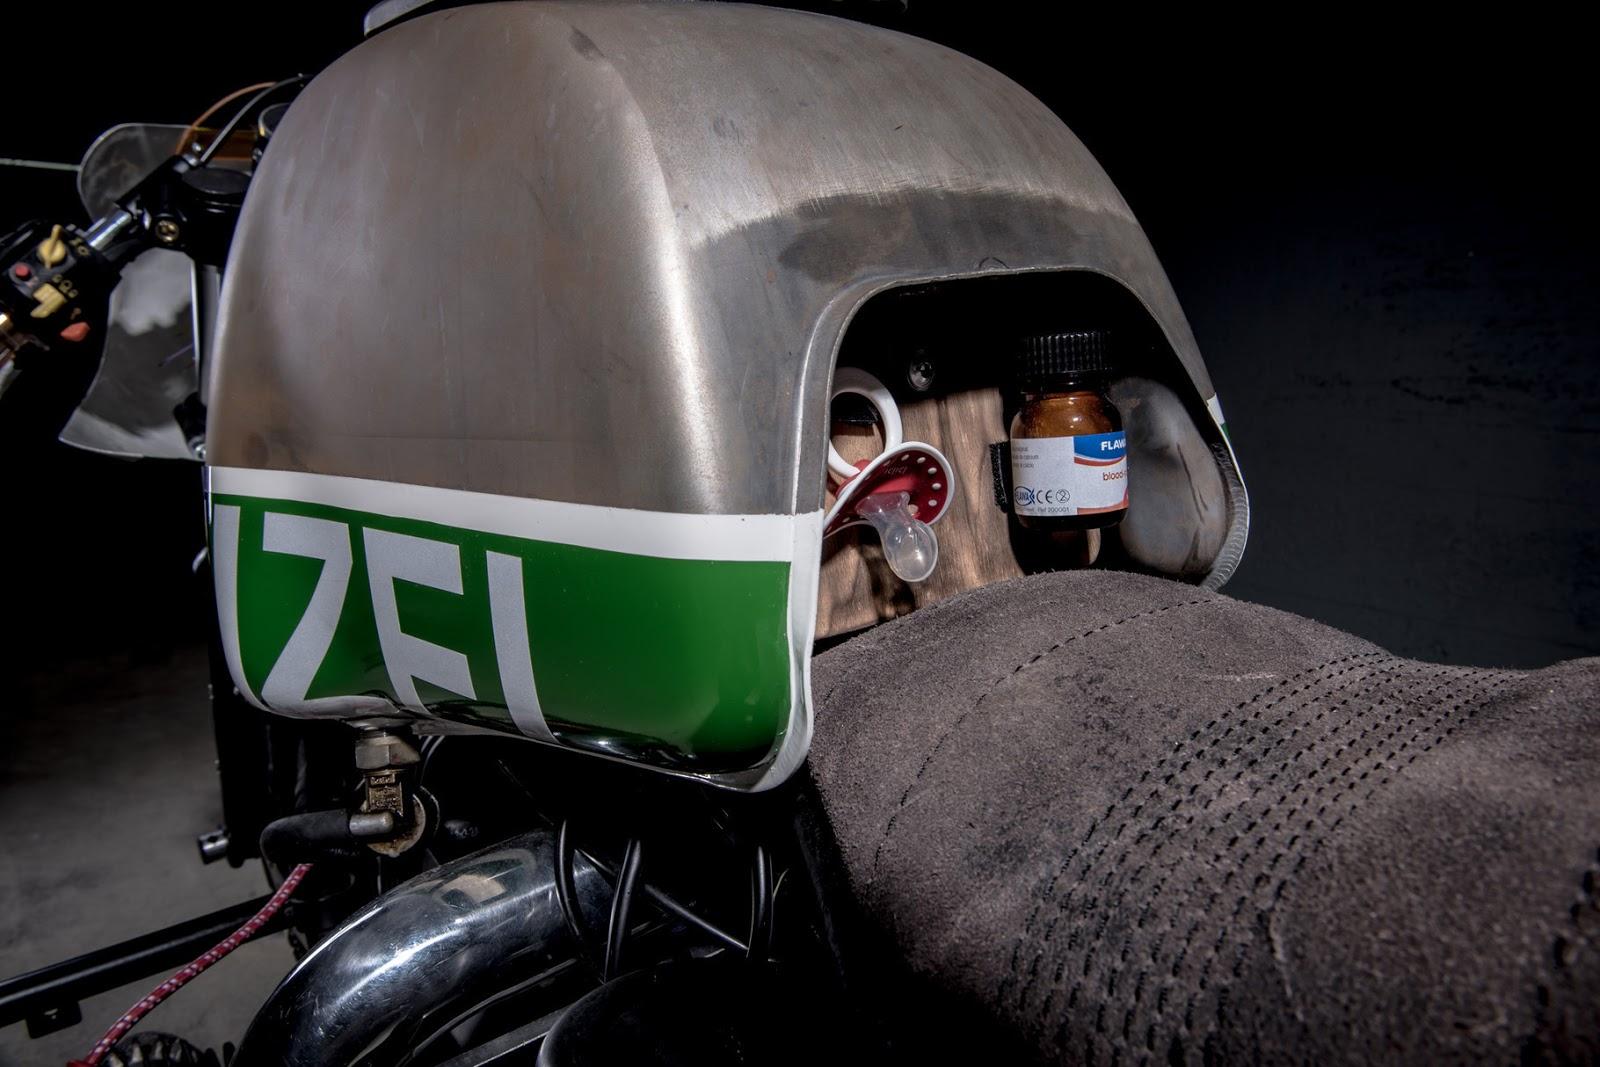 Bmw Cafe Racer For Sale >> VTR Custom's R80: World's Fastest Police Bike? – BikeBound